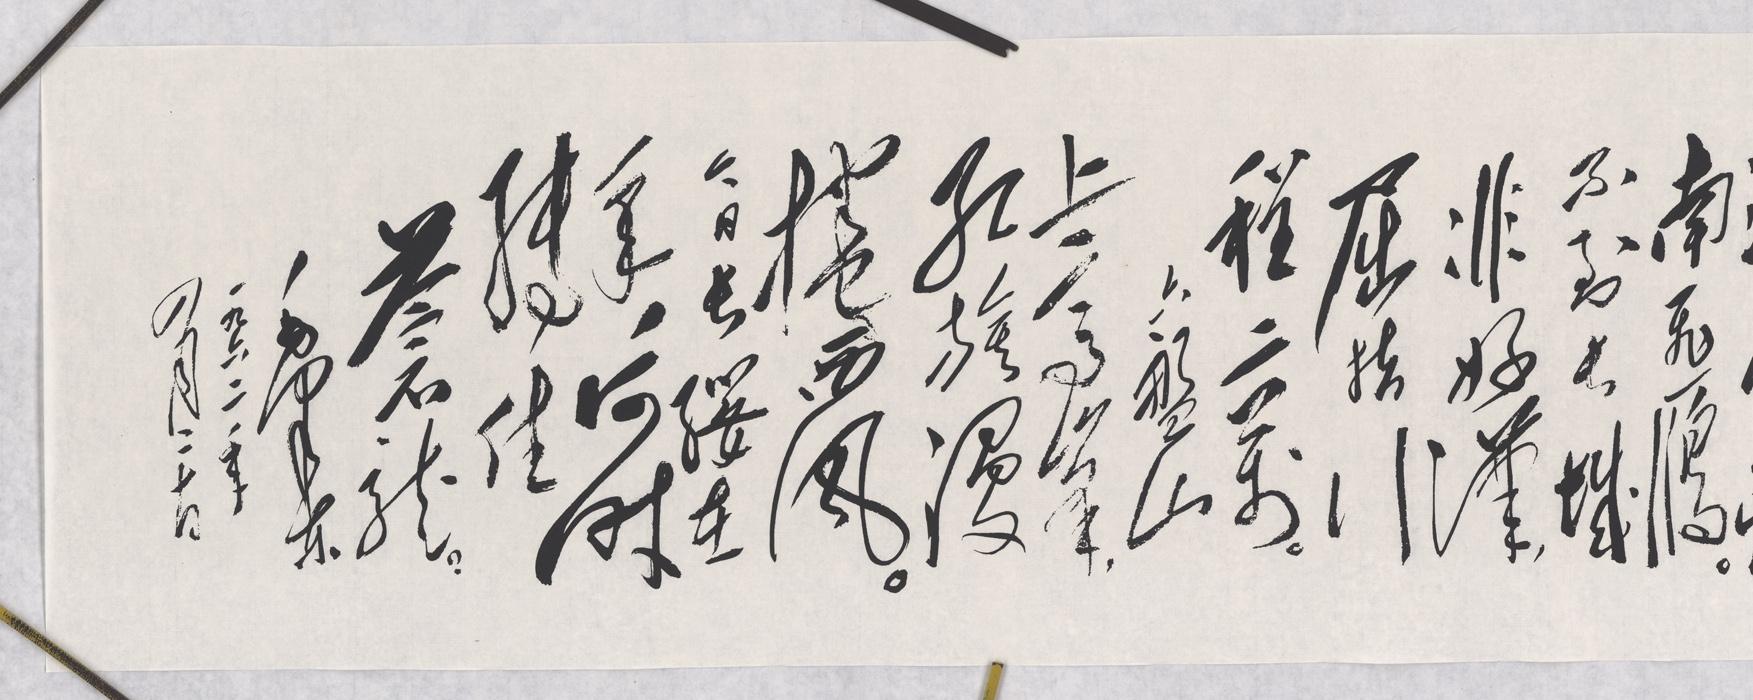 毛泽东 书法 TY1112007-01-01(圣彩虹原始扫描)